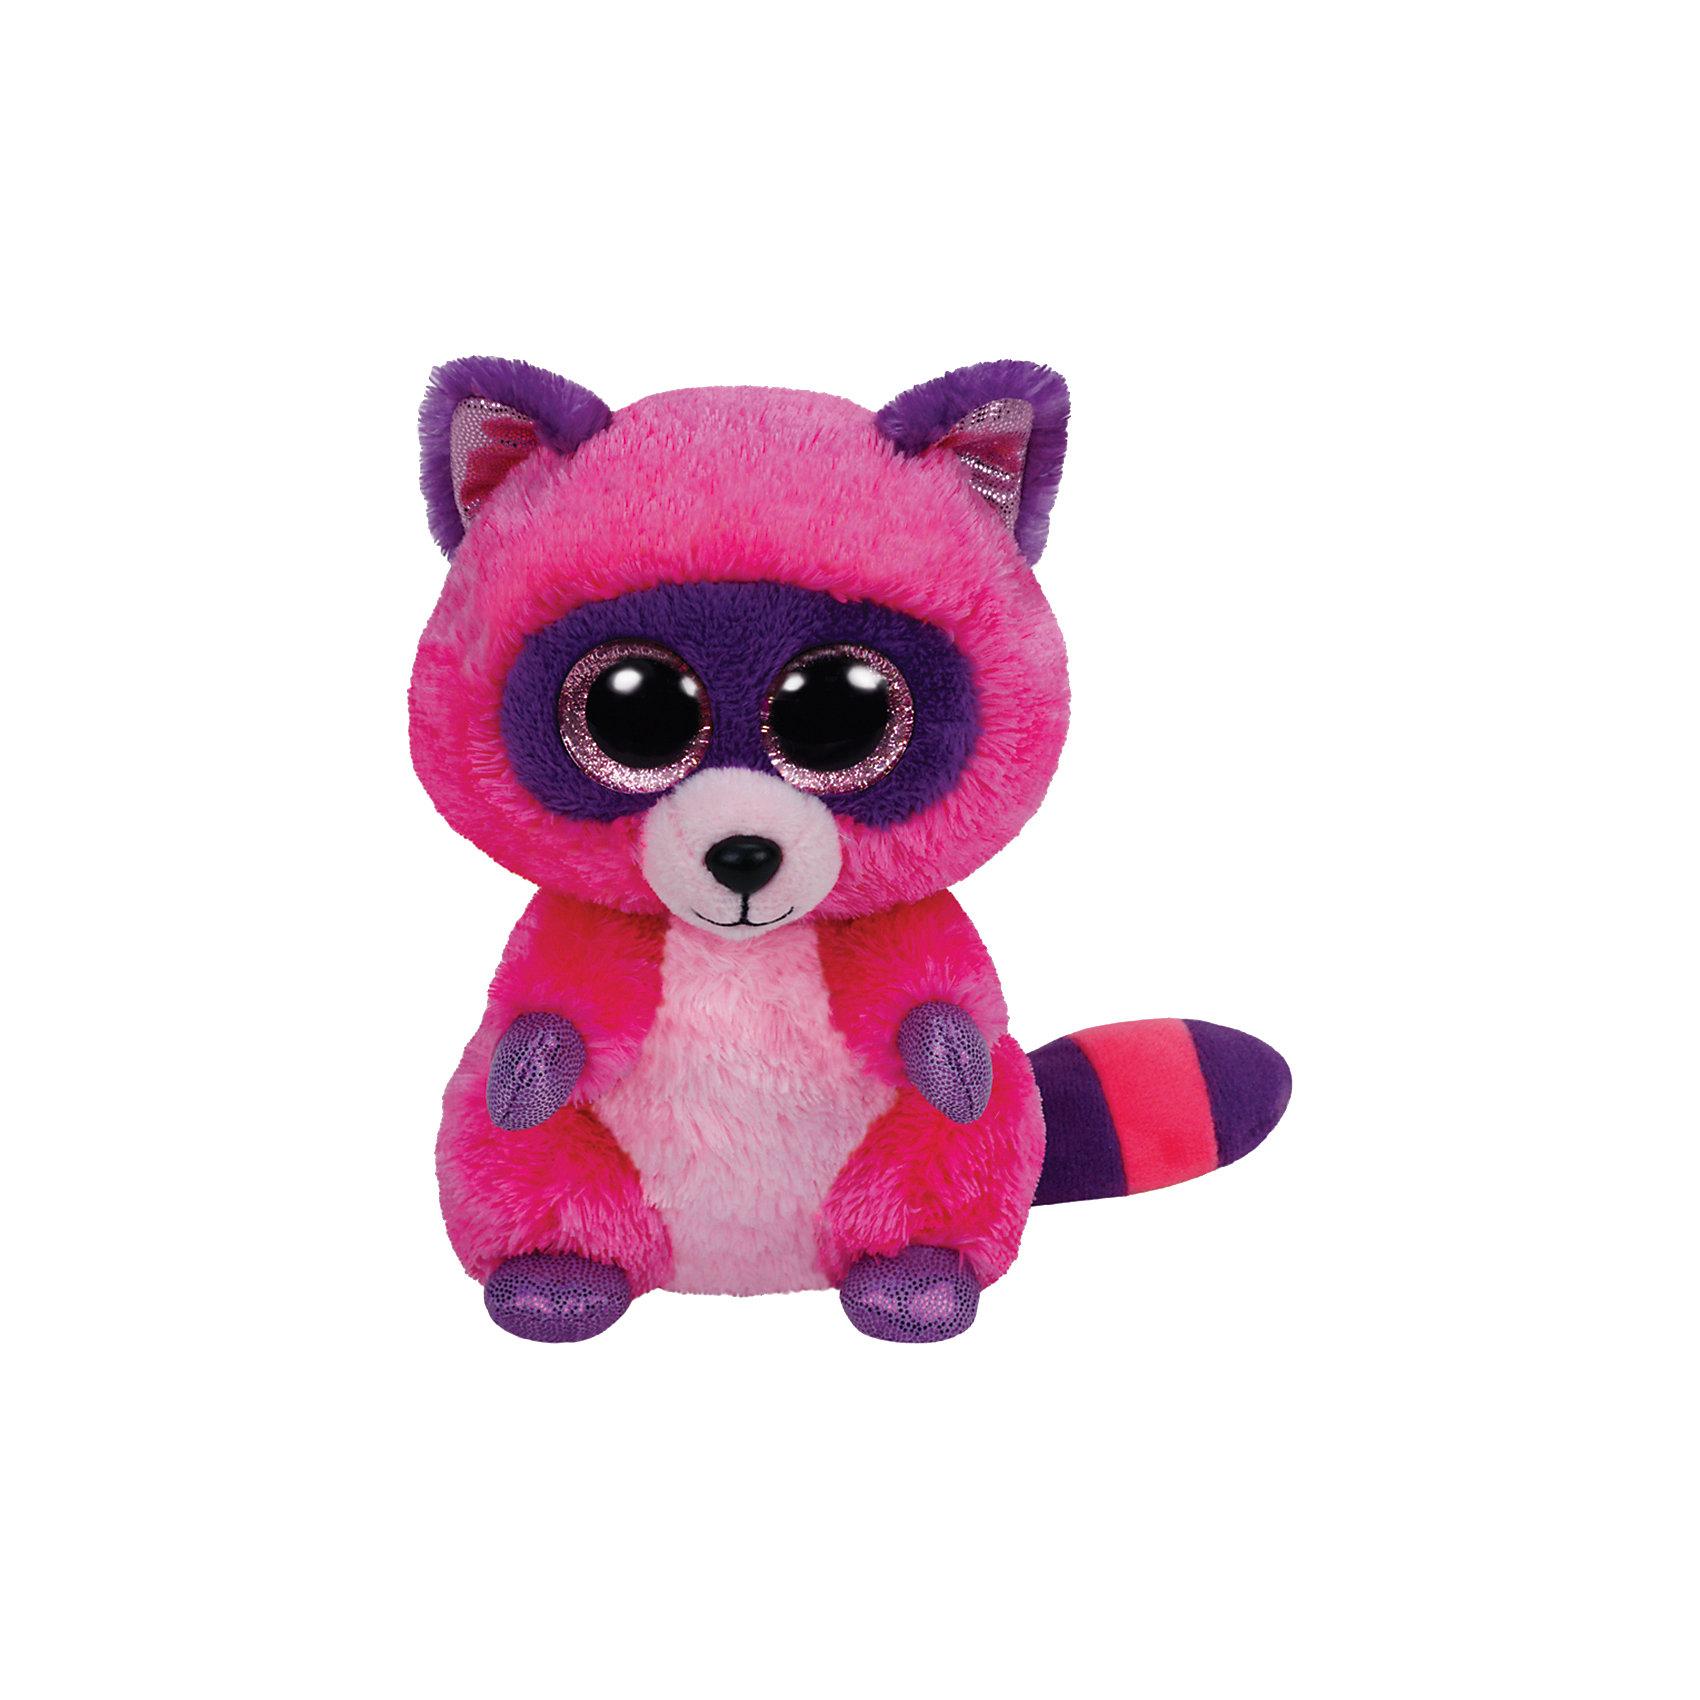 Мягкая игрушка Енот Roxie, 25 см, Beanie Boos, TyМягкая игрушка Енот Roxie, 25 см, Beanie Boos, Ty (Тай)<br><br>Характеристики:<br><br>• способствует развитию мелкой моторики<br>• приятный на ощупь<br>• высота игрушки: 25 см<br>• не содержит токсичных материалов, опасных для здоровья ребёнка<br>• материал: текстиль, искусственный мех, пластик <br>• наполнитель: синтепон<br>• вес: 300 грамм<br><br>Енот Roxie очень мягкий и нежный. Его розово-фиолетовая окраска и большие блестящие глазки понравятся и детям, и взрослым. Игрушка изготовлена из прочных материалов, безопасных для здоровья ребенка. Способствует развитию речевых и тактильных навыков, мелкой моторики. Roxie станет верным другом для вашего ребенка!<br><br>Мягкую игрушку Енот Roxie, 25 см, Beanie Boos, Ty (Тай) вы можете купить в нашем интернет-магазине.<br><br>Ширина мм: 240<br>Глубина мм: 144<br>Высота мм: 109<br>Вес г: 204<br>Возраст от месяцев: 12<br>Возраст до месяцев: 60<br>Пол: Женский<br>Возраст: Детский<br>SKU: 4023886